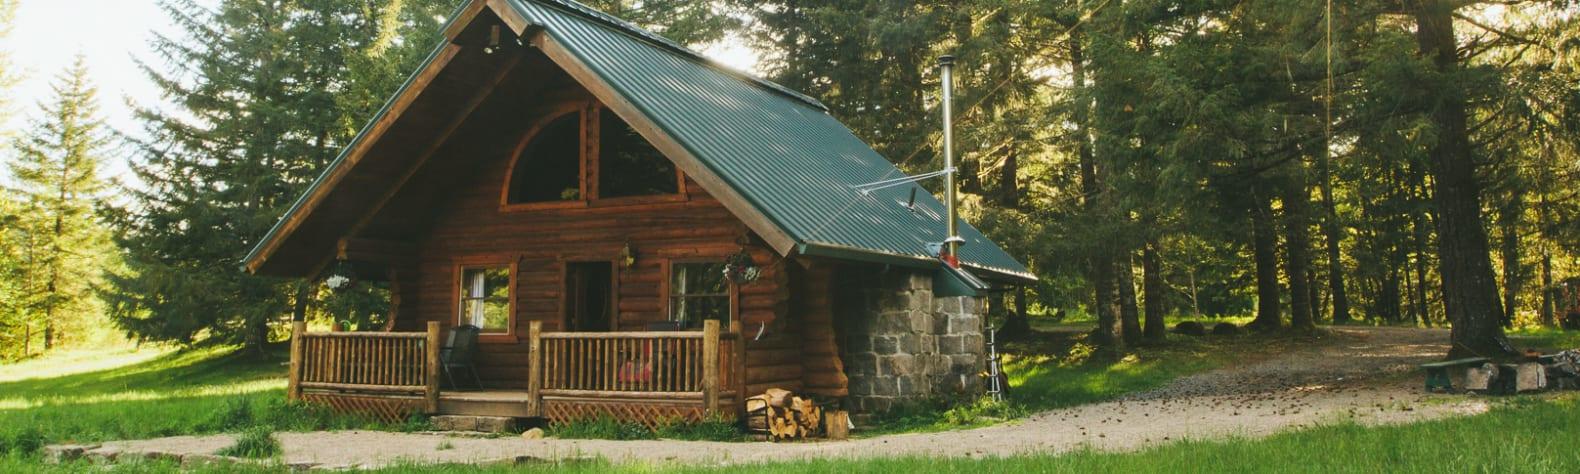 The Burke Cabin